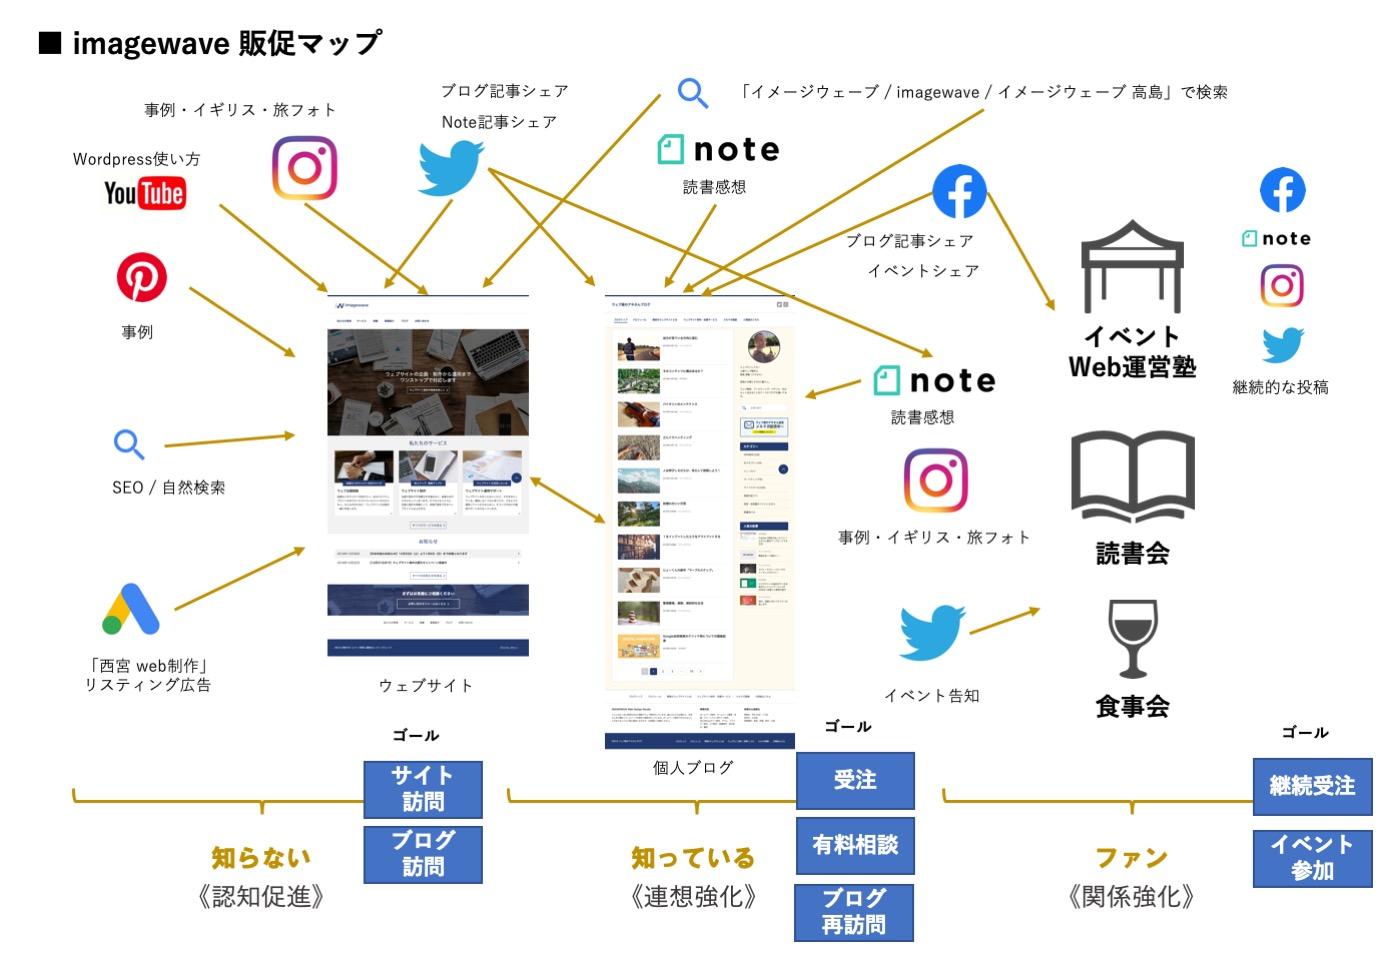 販促の全体像を把握するサイト集客マップ